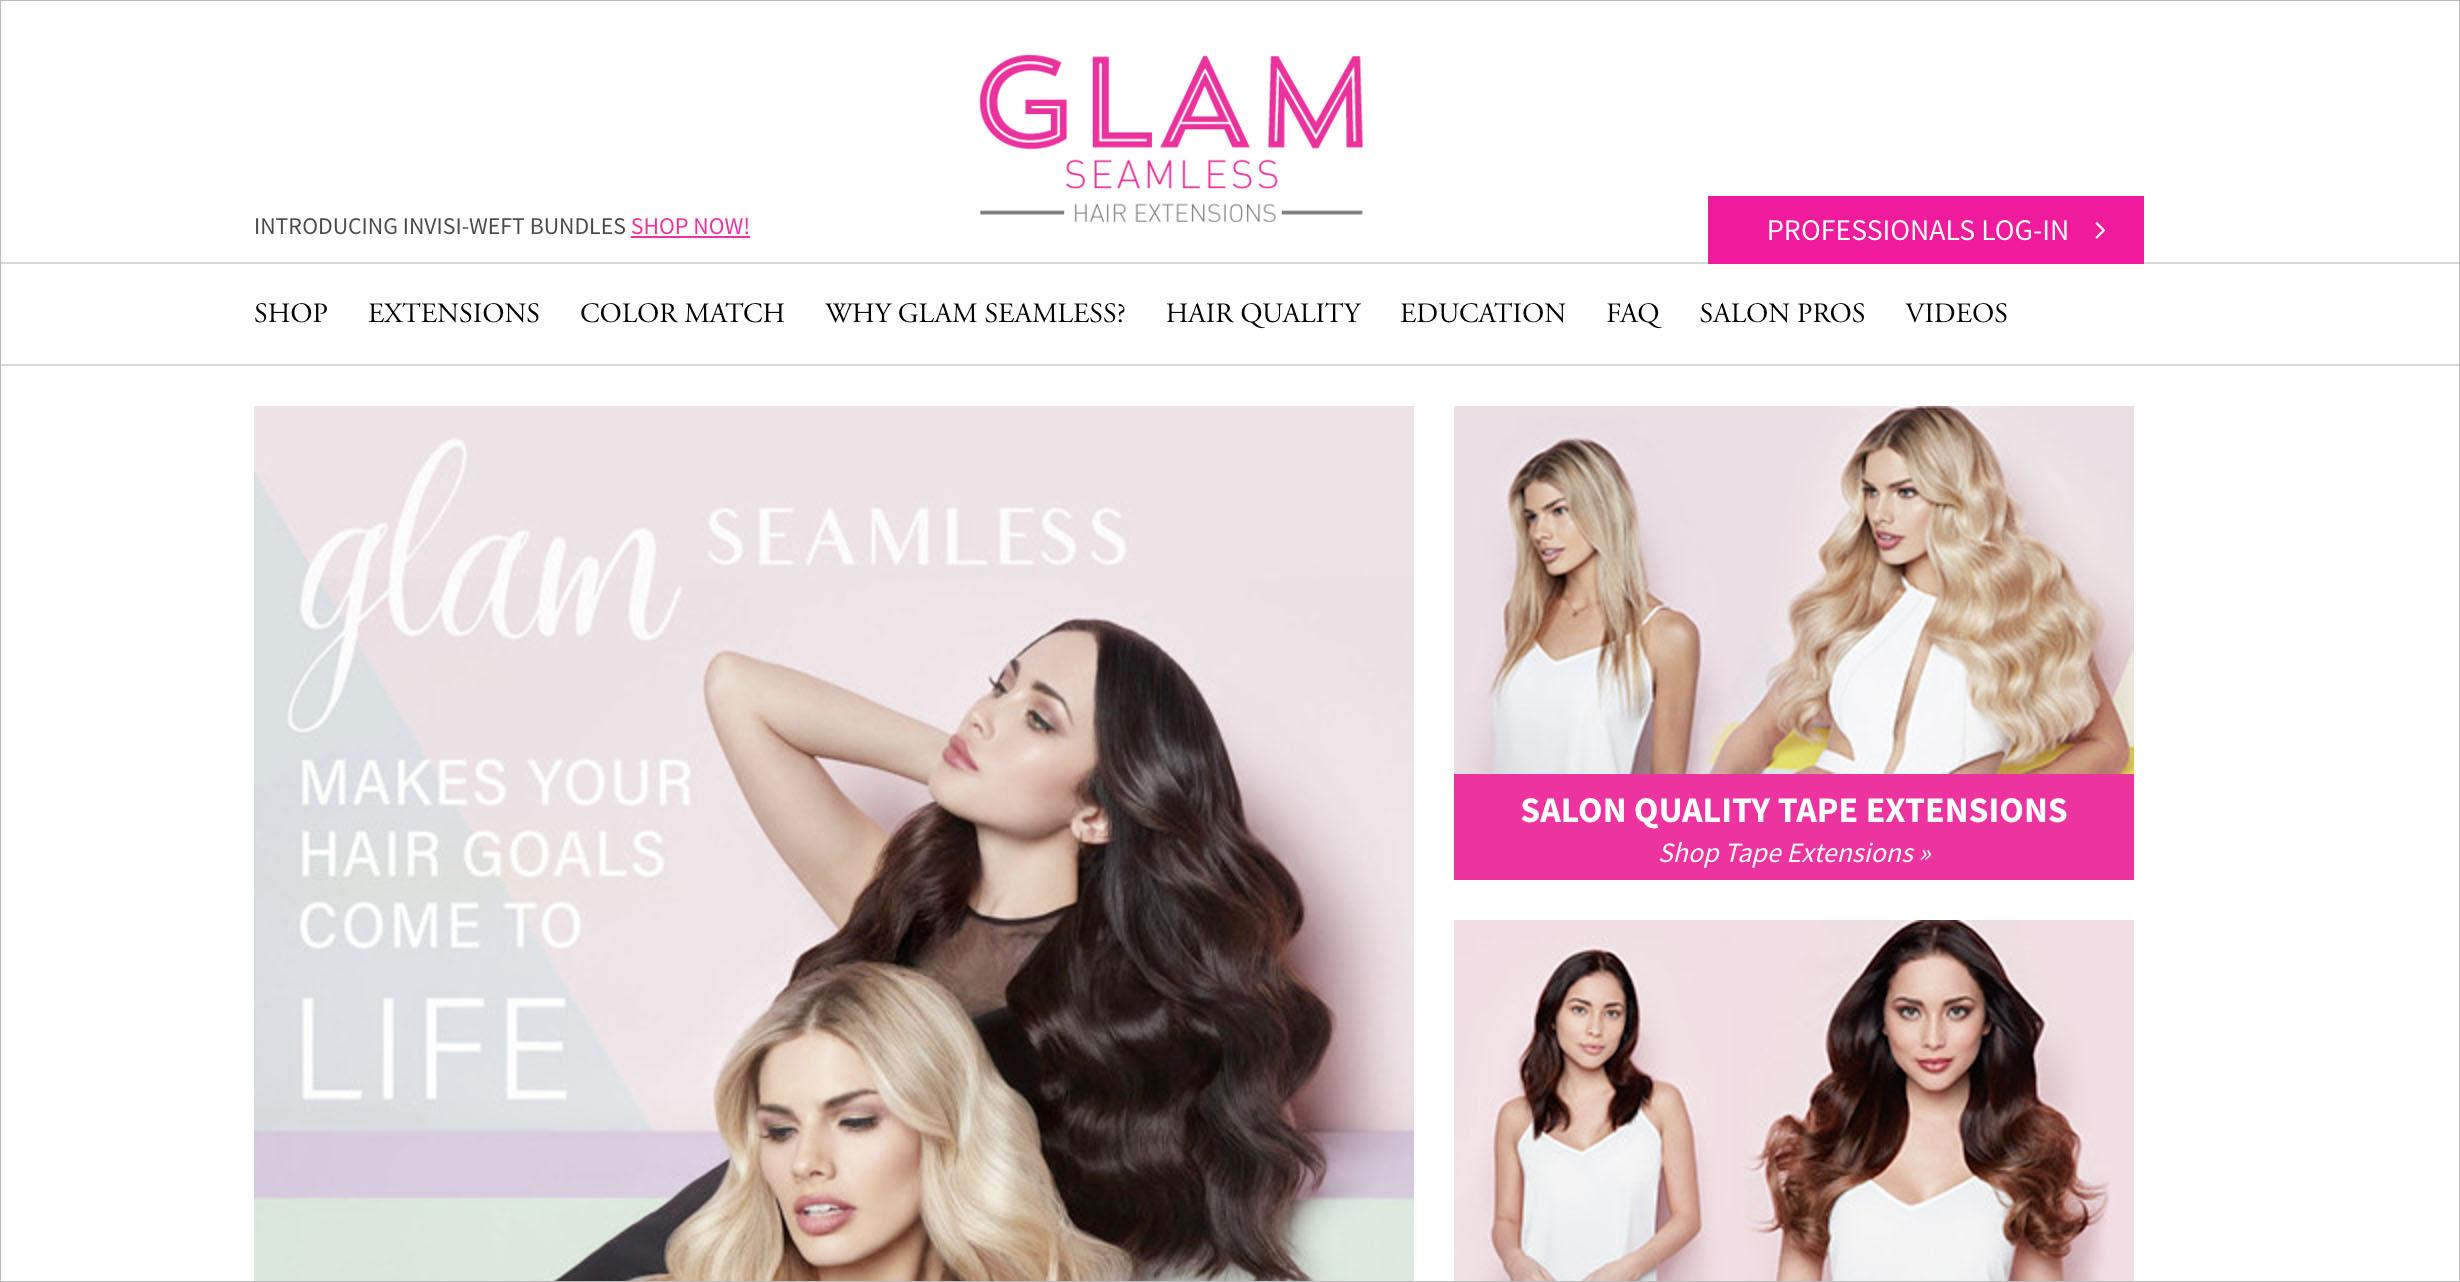 glam-homepage.jpg